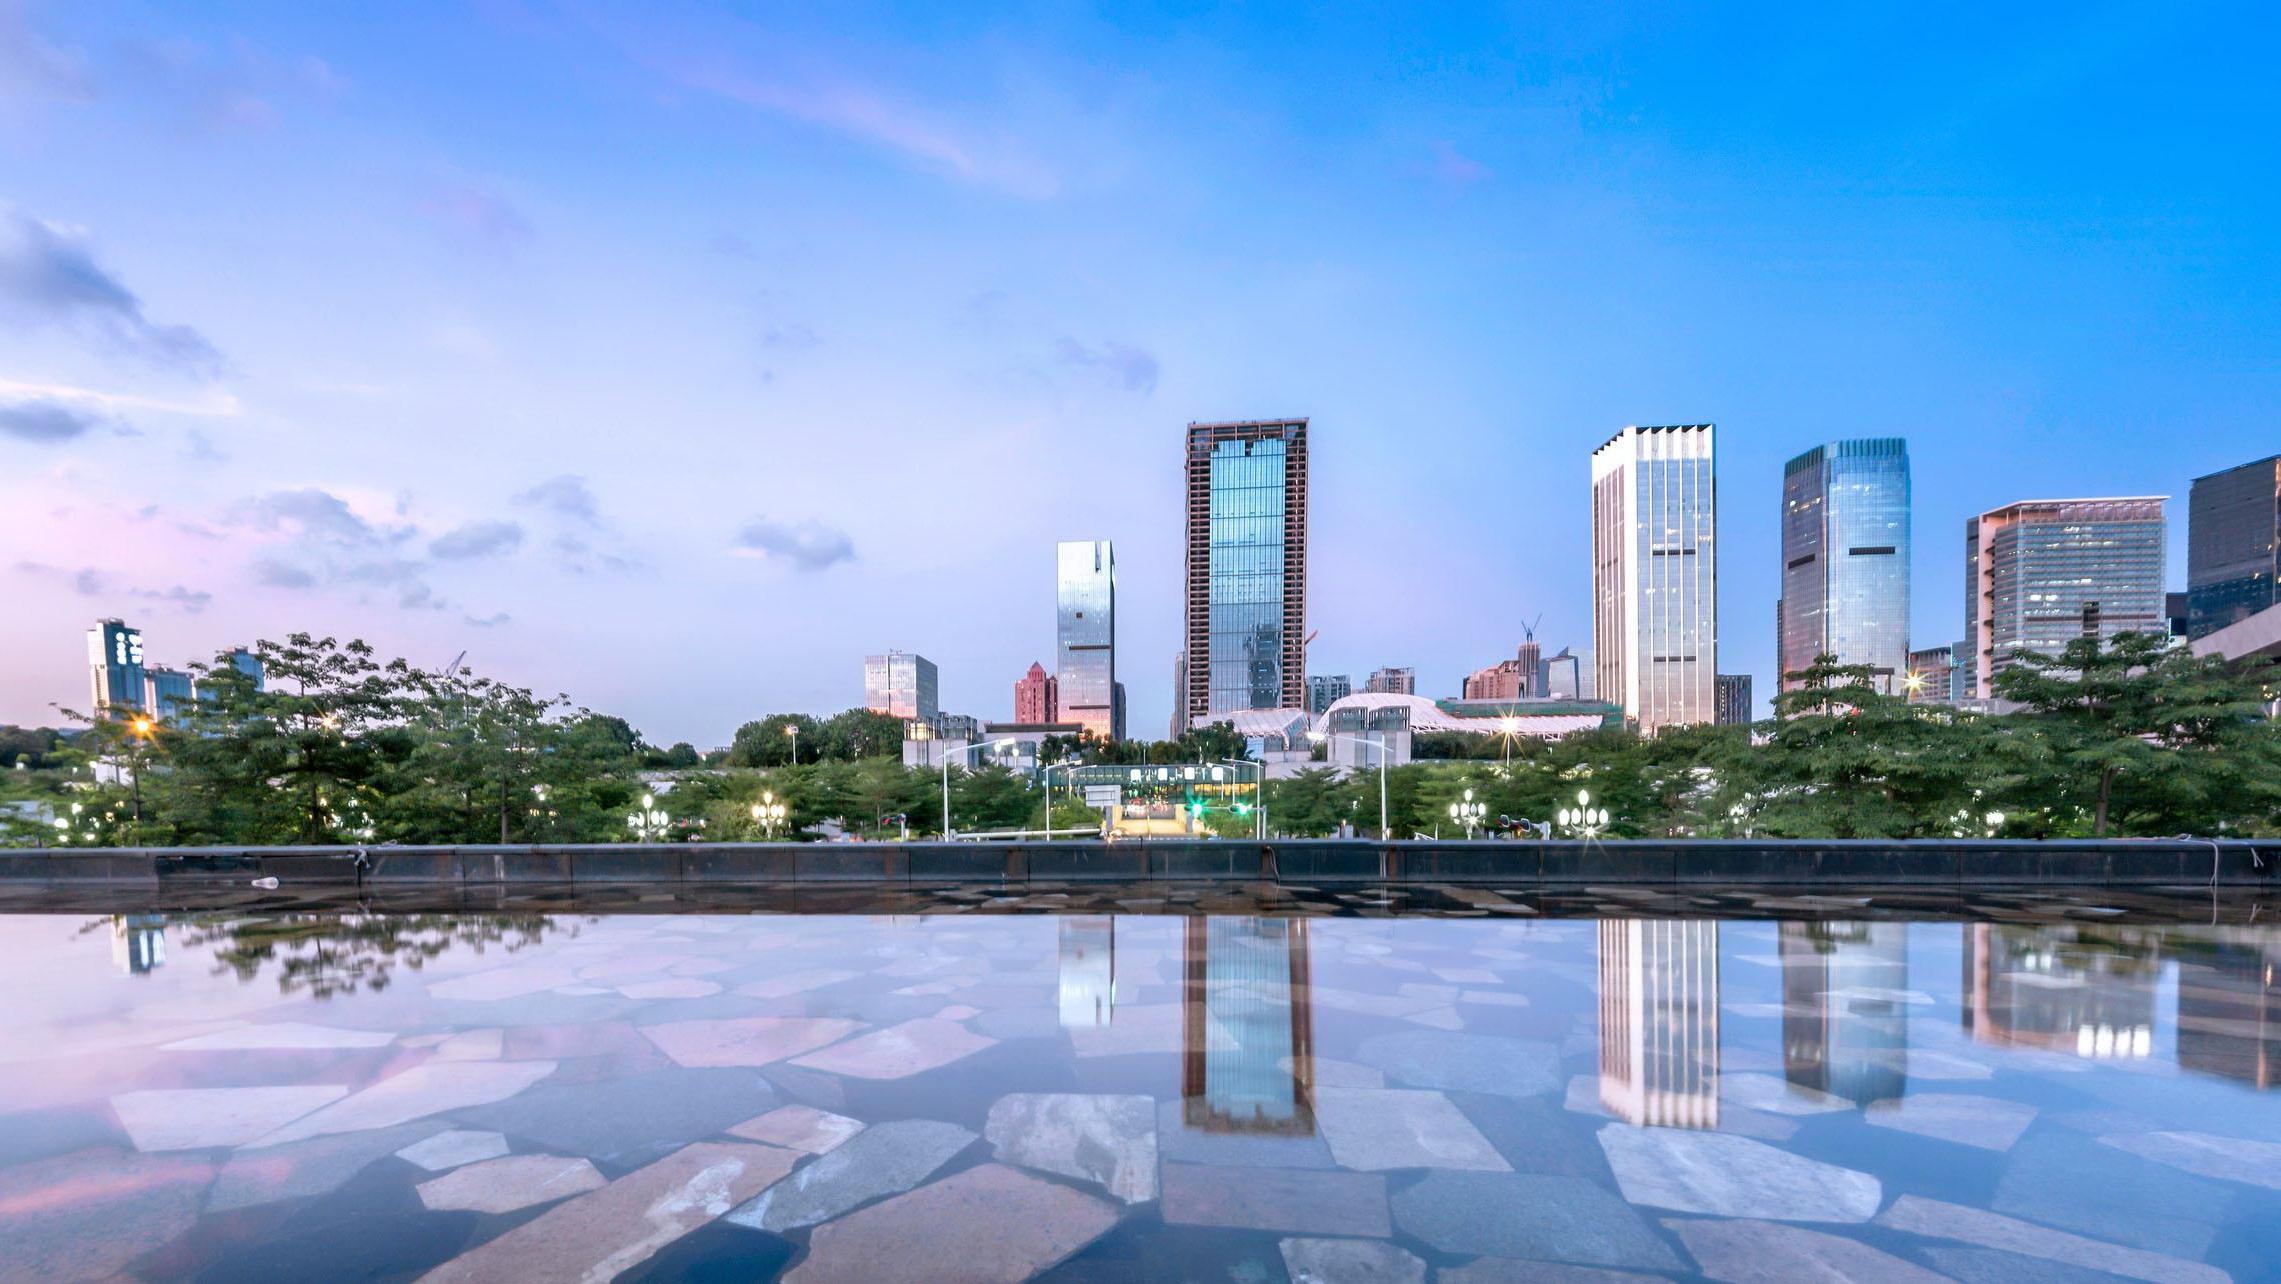 今年前7月进出口总额1.6万亿元!5大外贸城市 深圳率先转正